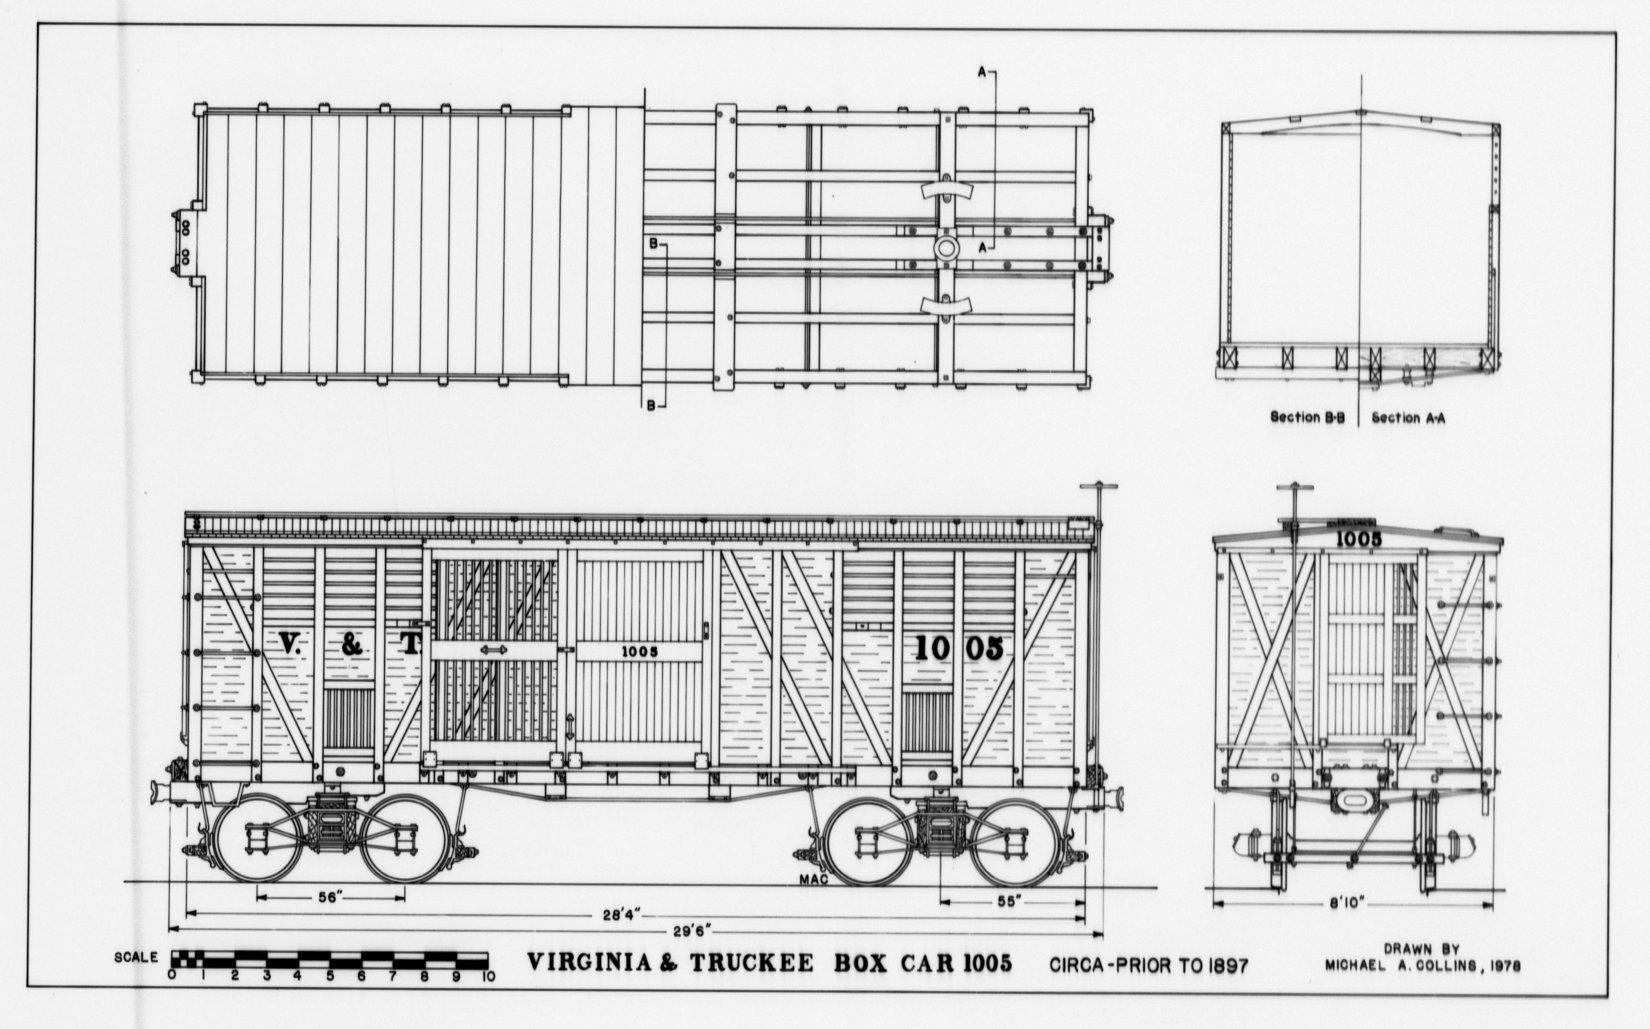 V & T Box Car #1005